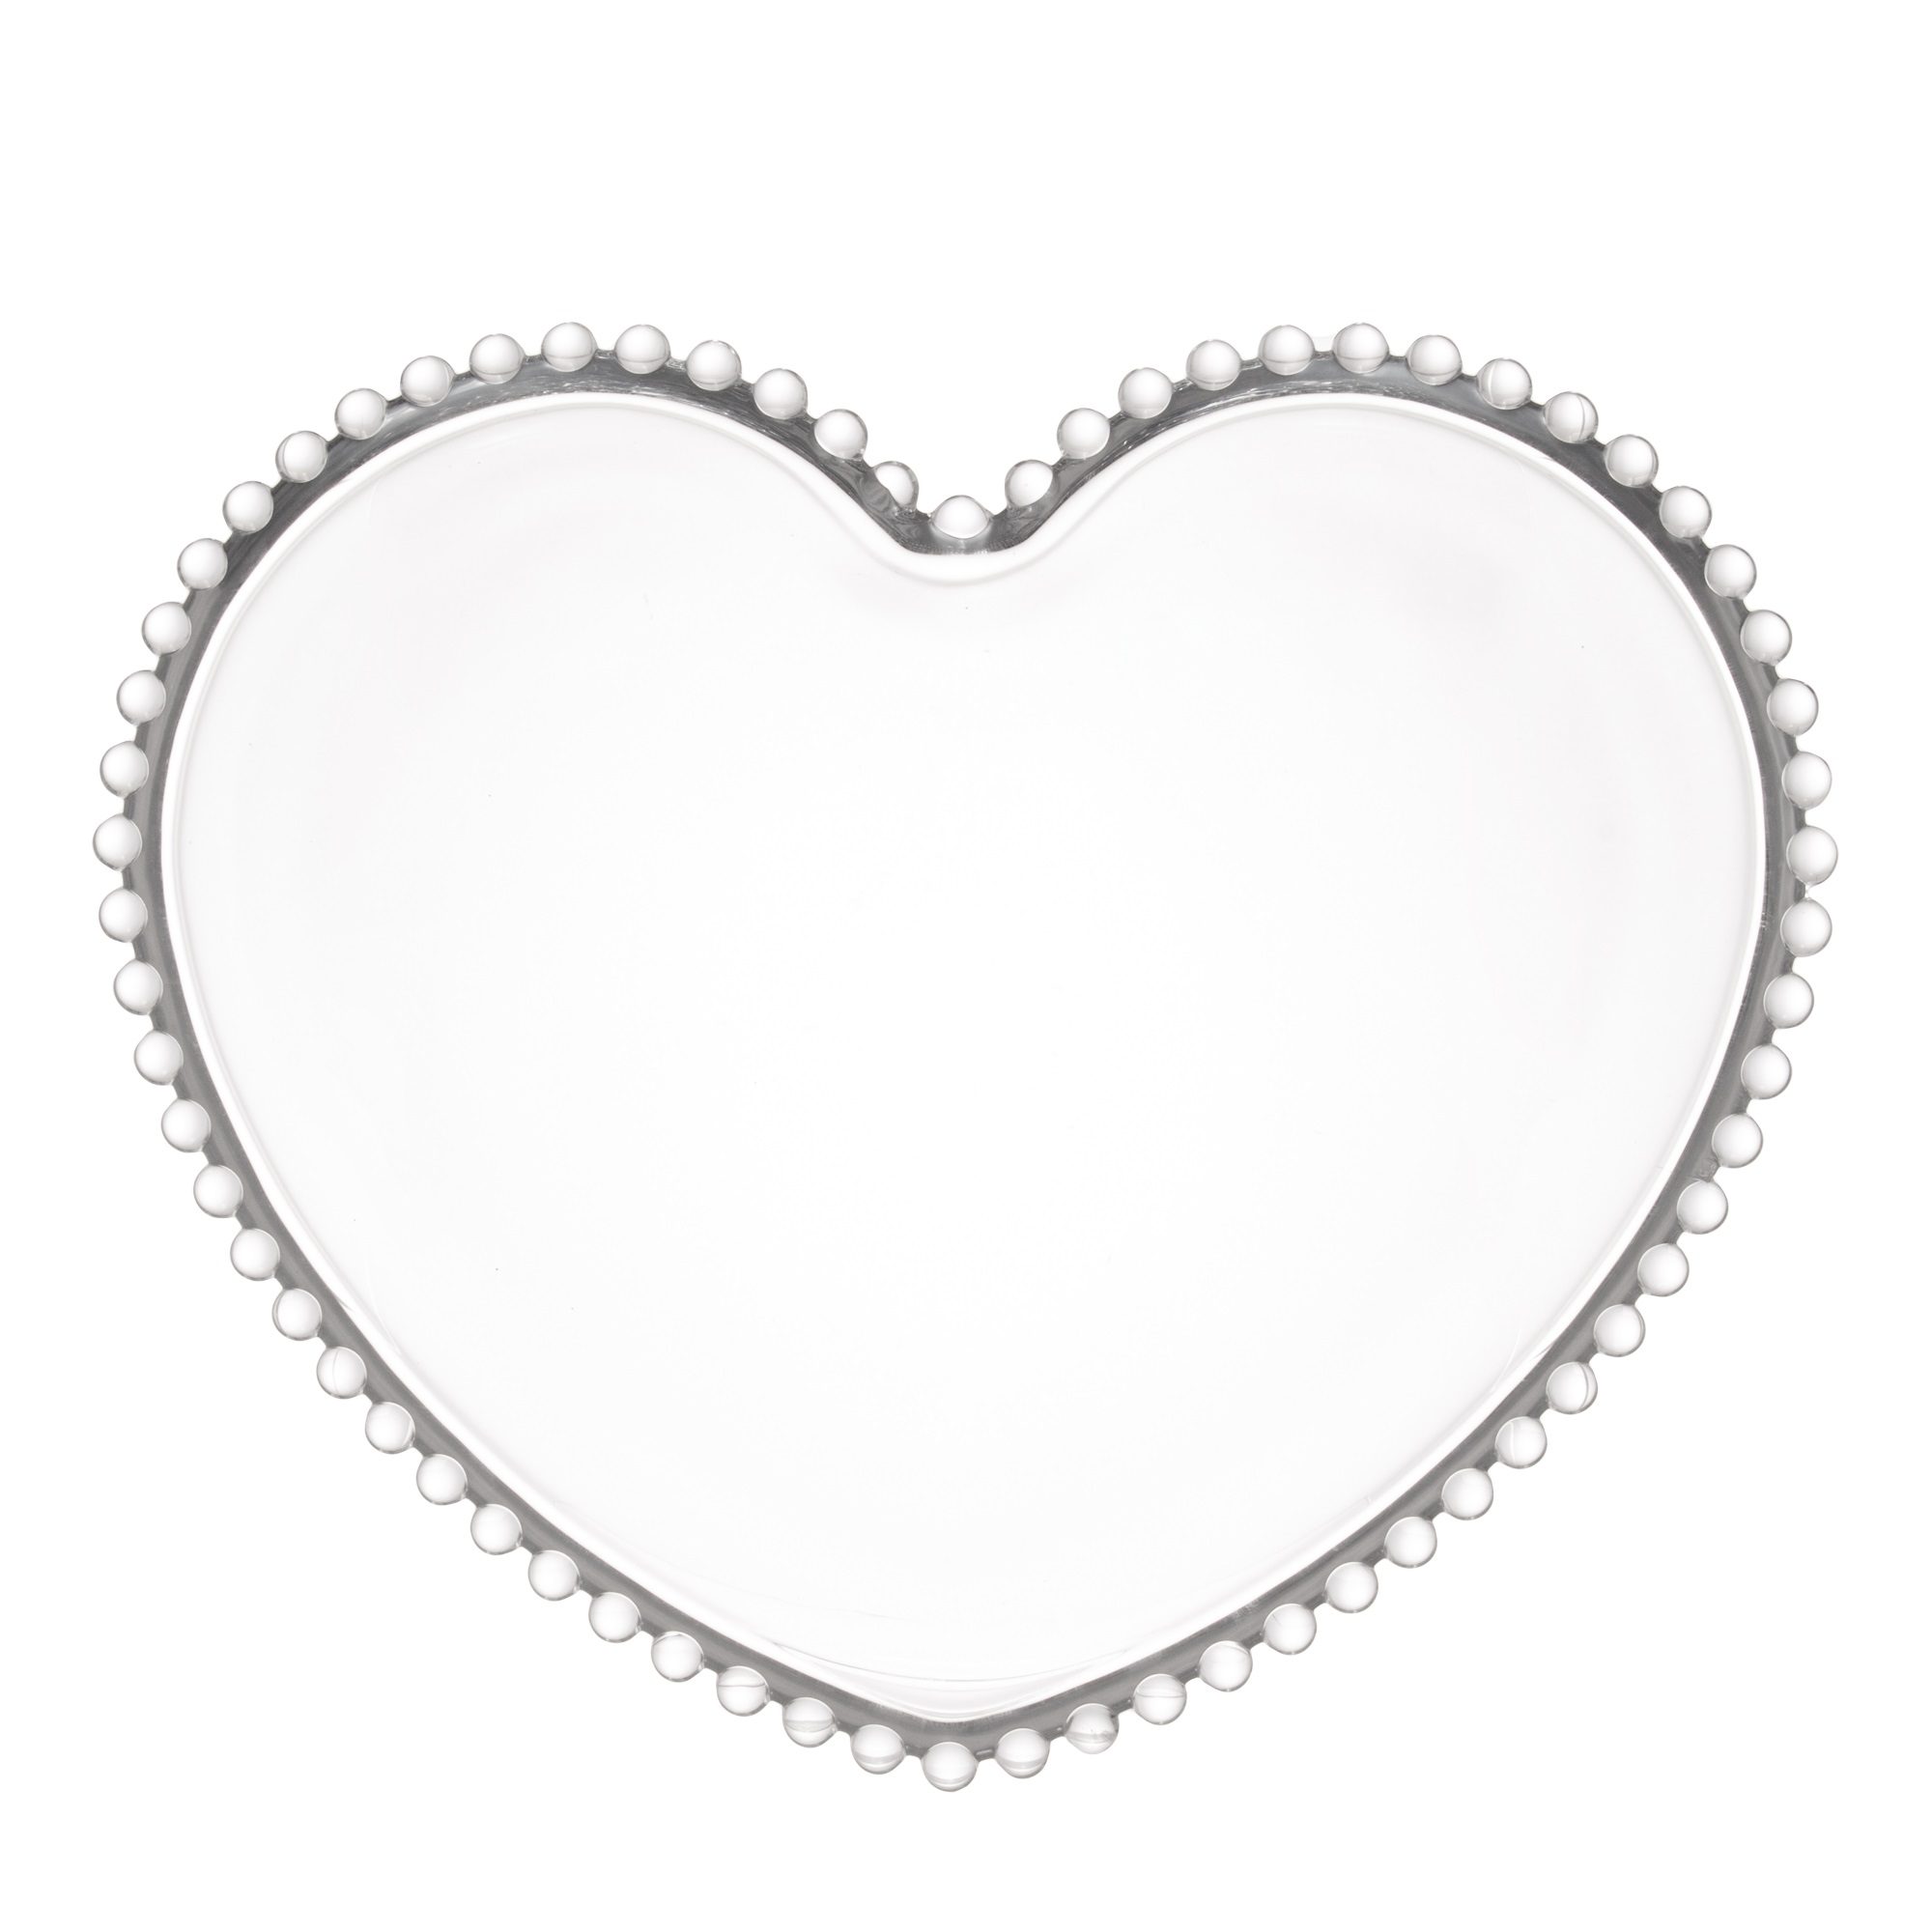 Prato Raso de Coração em Cristal com borda de Bolinha  25x22x2cm